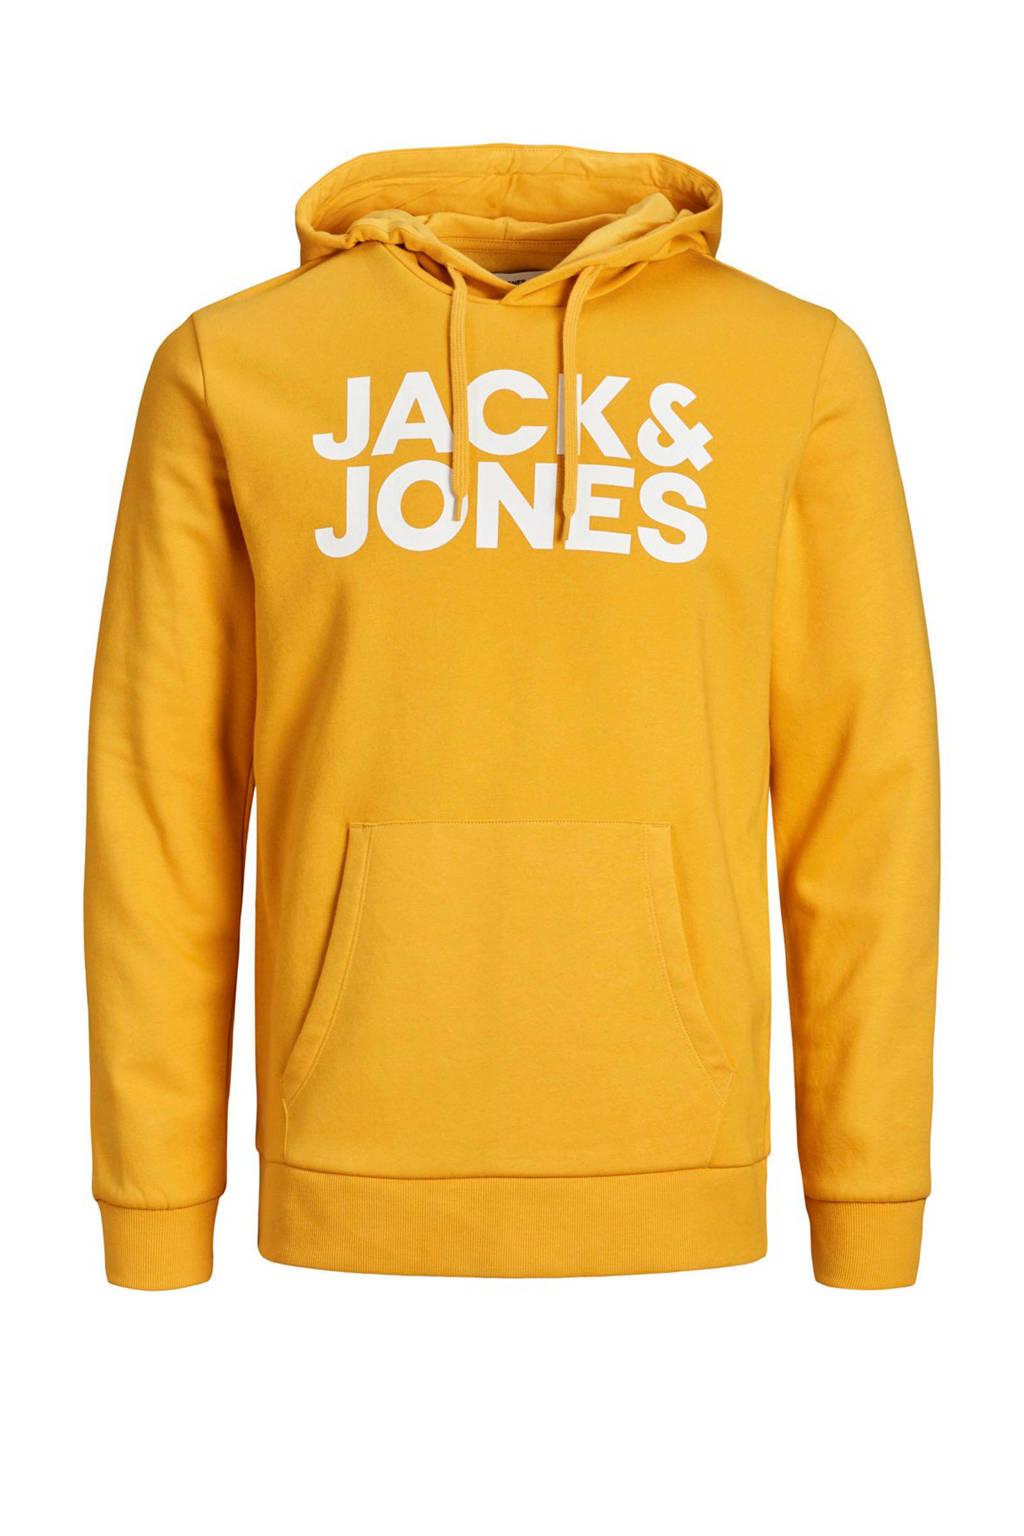 JACK & JONES JUNIOR hoodie Corp met logo geel/wit, Geel/wit